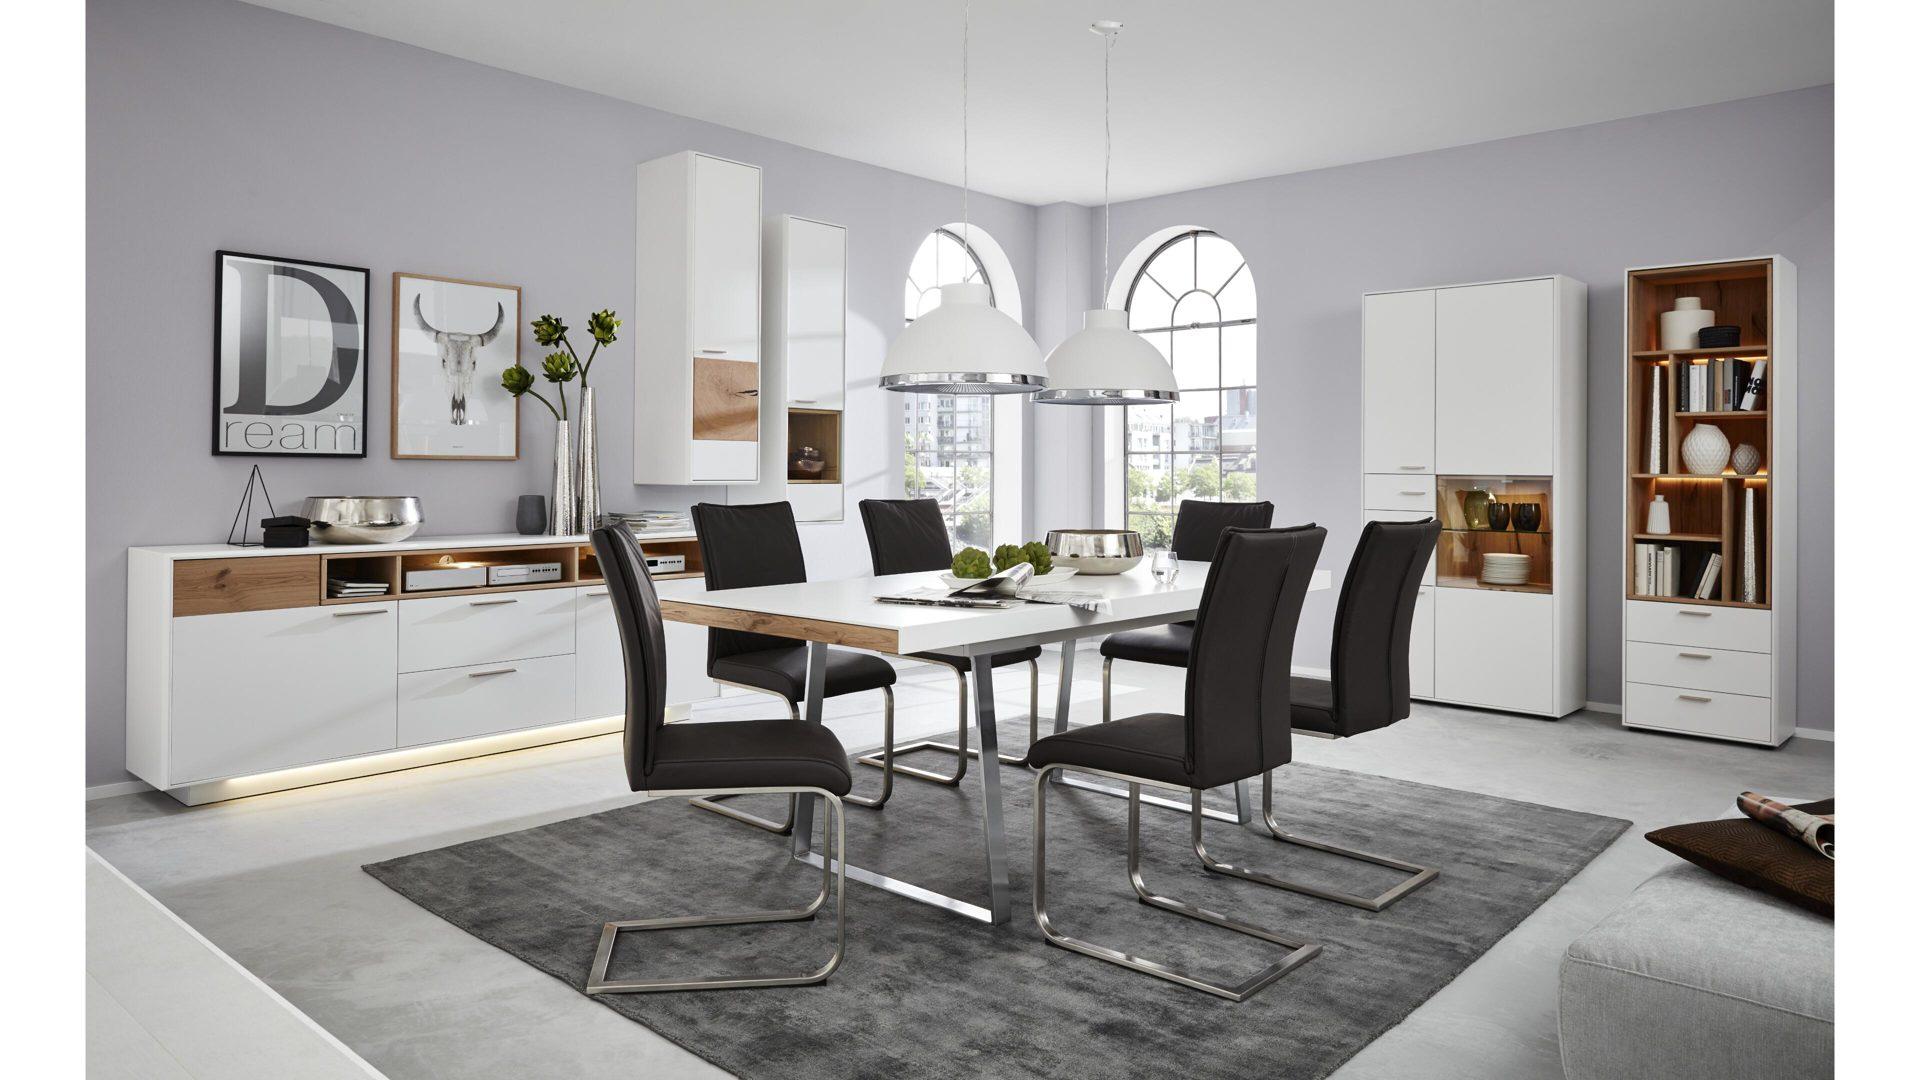 Interliving Wohnzimmer Serie 2102 - Design-Regal mit ...